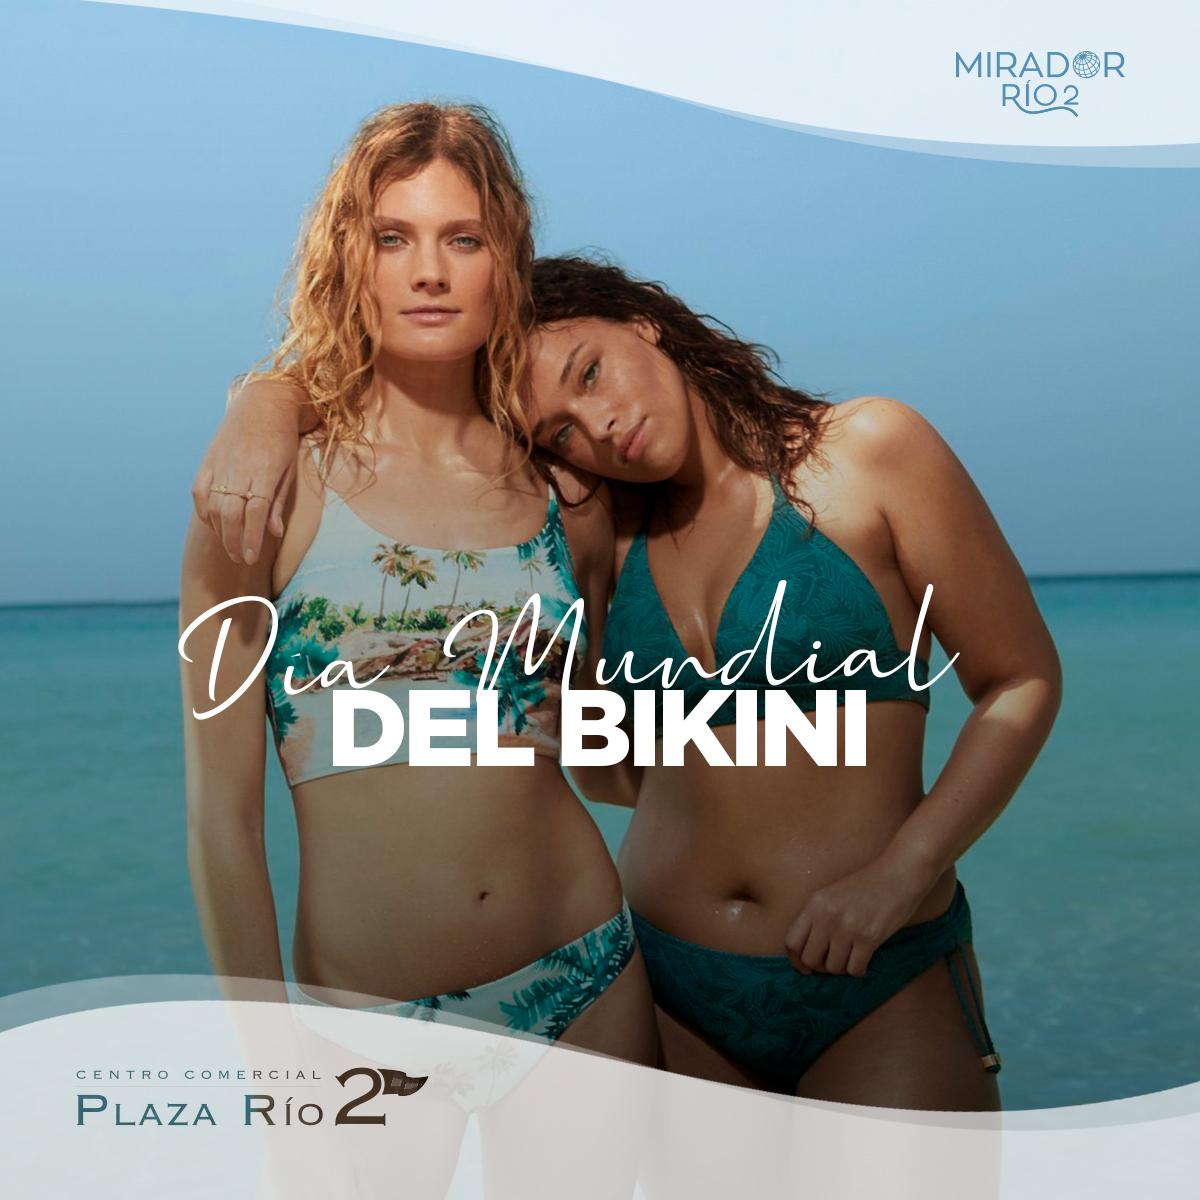 Y es que con julio llegan las largas jornadas al sol y los chapuzones. Échale un vistazo a las colecciones de baño #etam, @hmespana o @womensecret y celebra el día mundial del #bikini o ¿eres más de bañador? #PR2ParaTodos #PlazaRío2 #MadridRío #DíaMundialDelBikinipic.twitter.com/JFQkC5rKuE